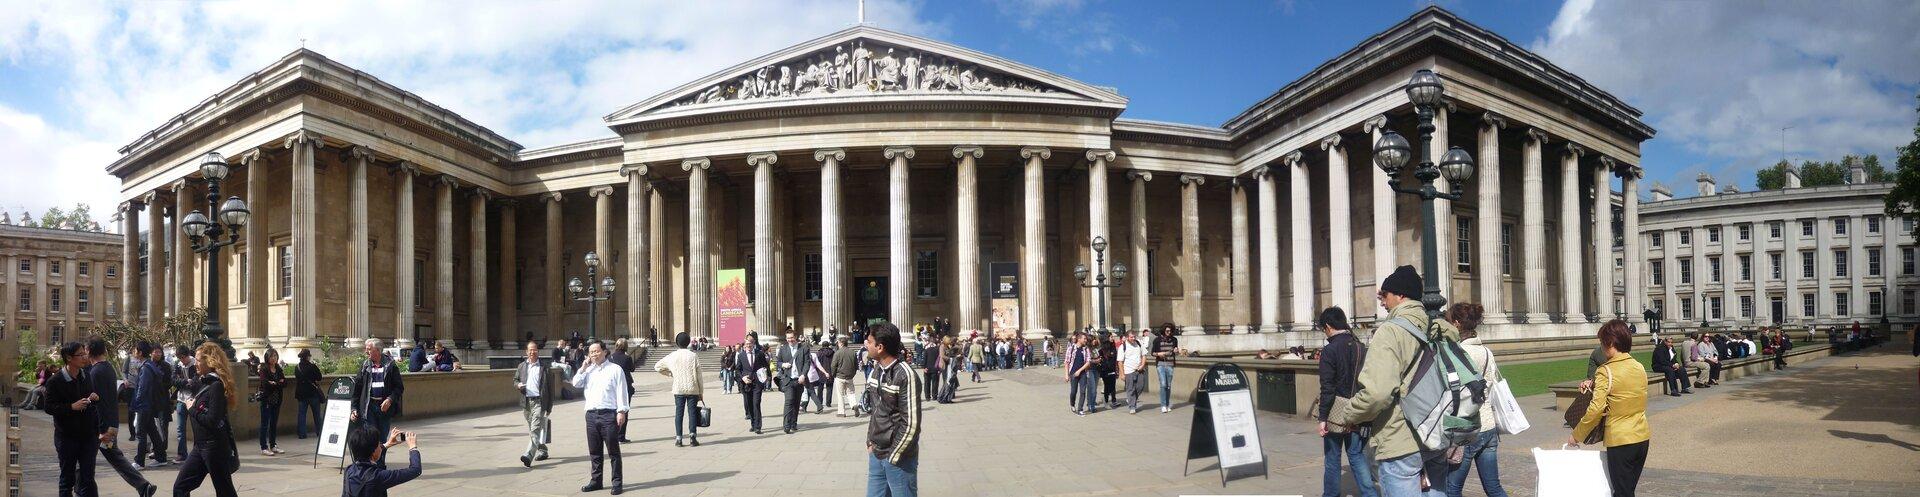 Na zdjęciu potężny budynek zmonumentalną kolumnową fasadą przypominająca antyczne świątynie.